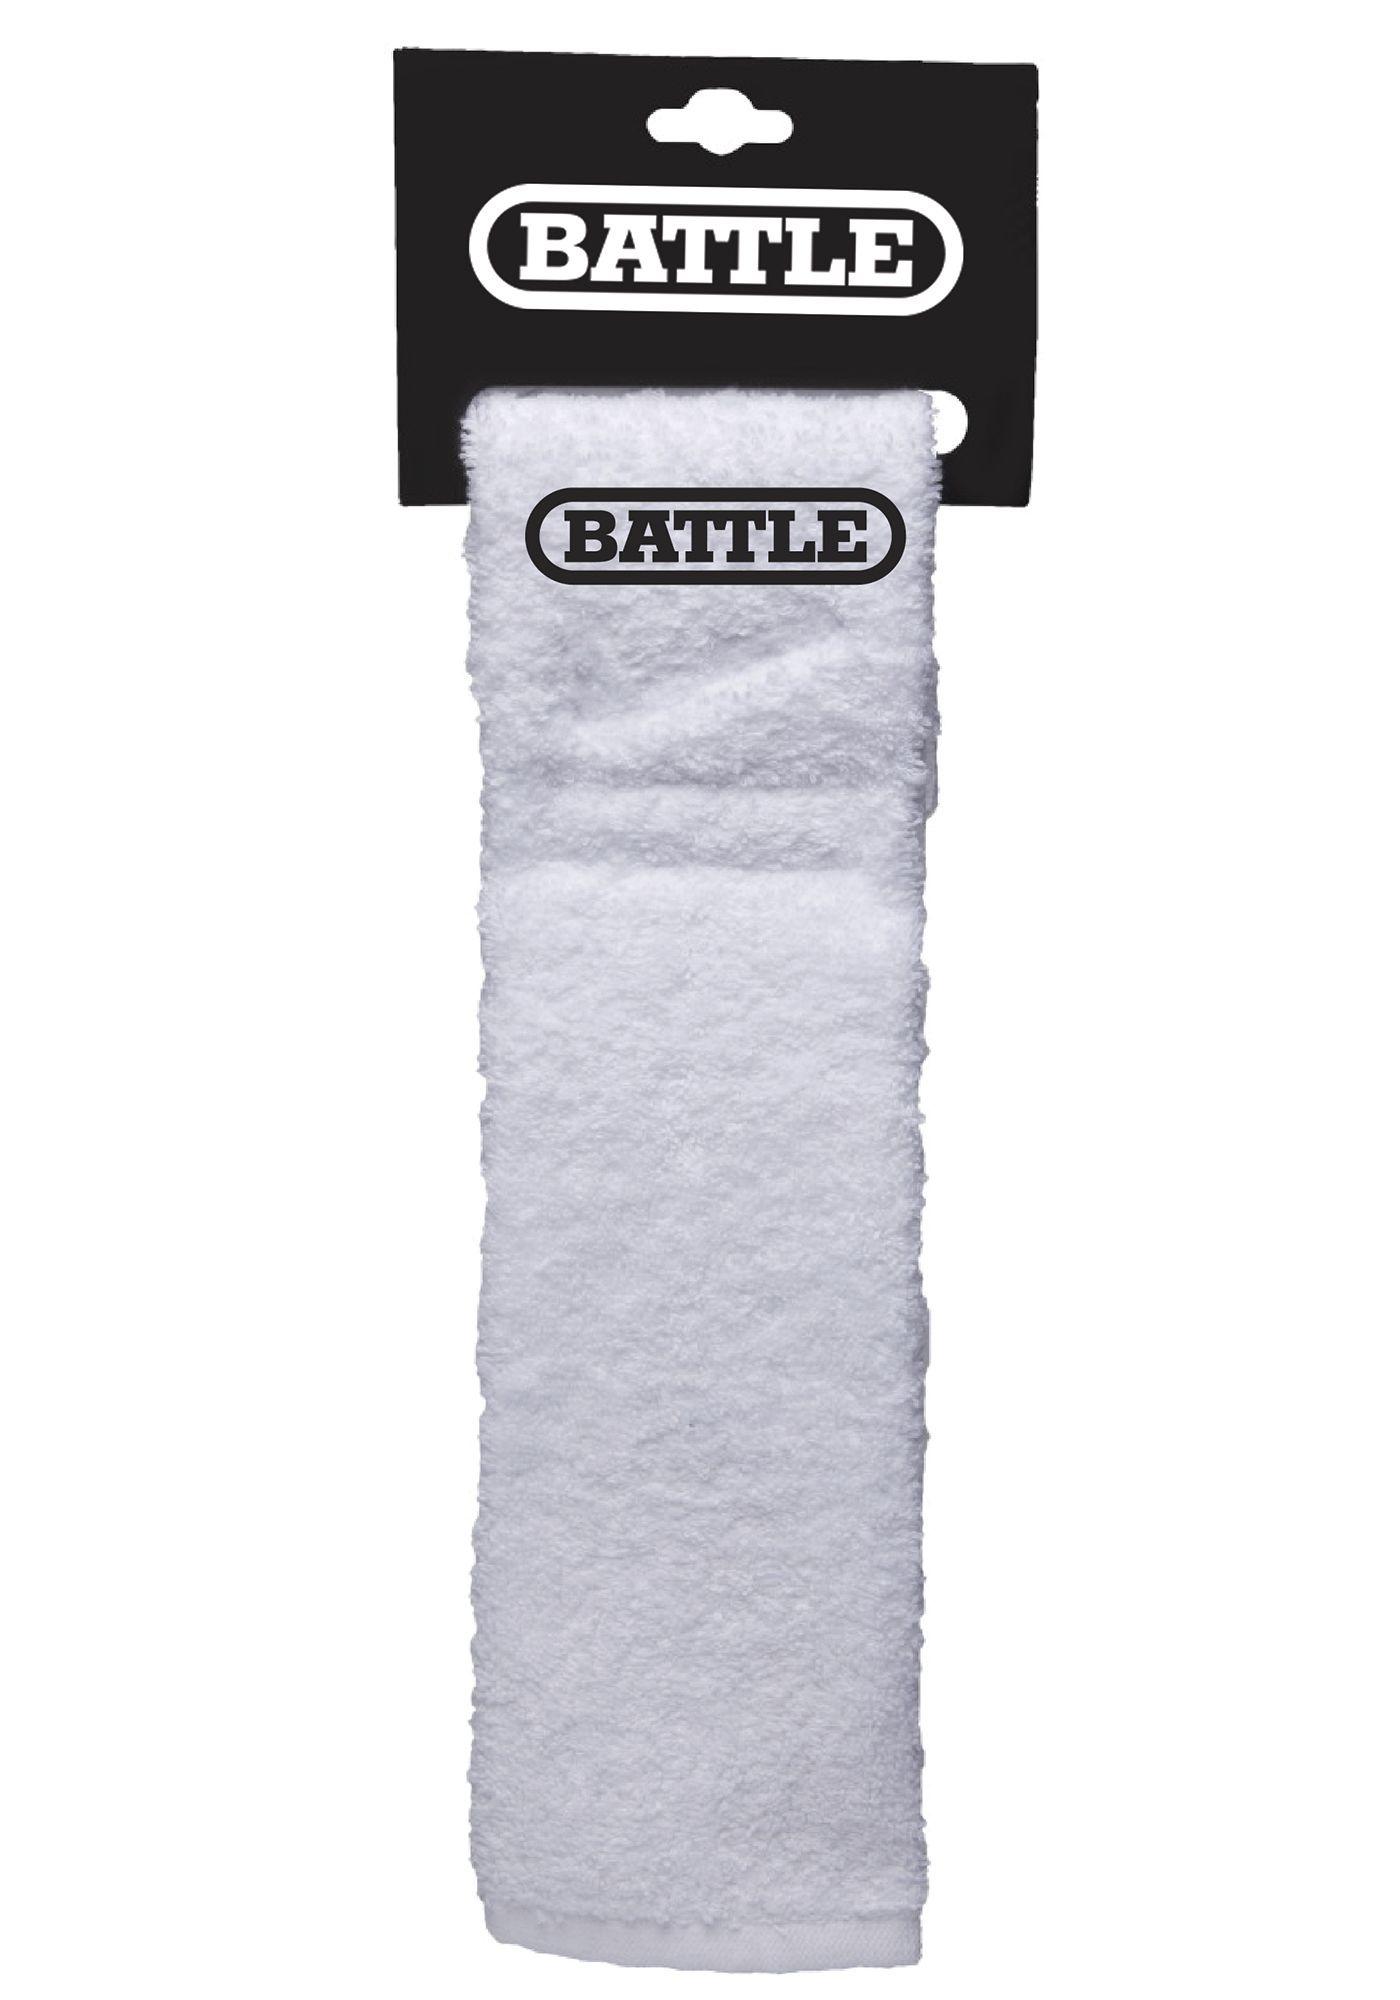 Battle Adult Football Towel